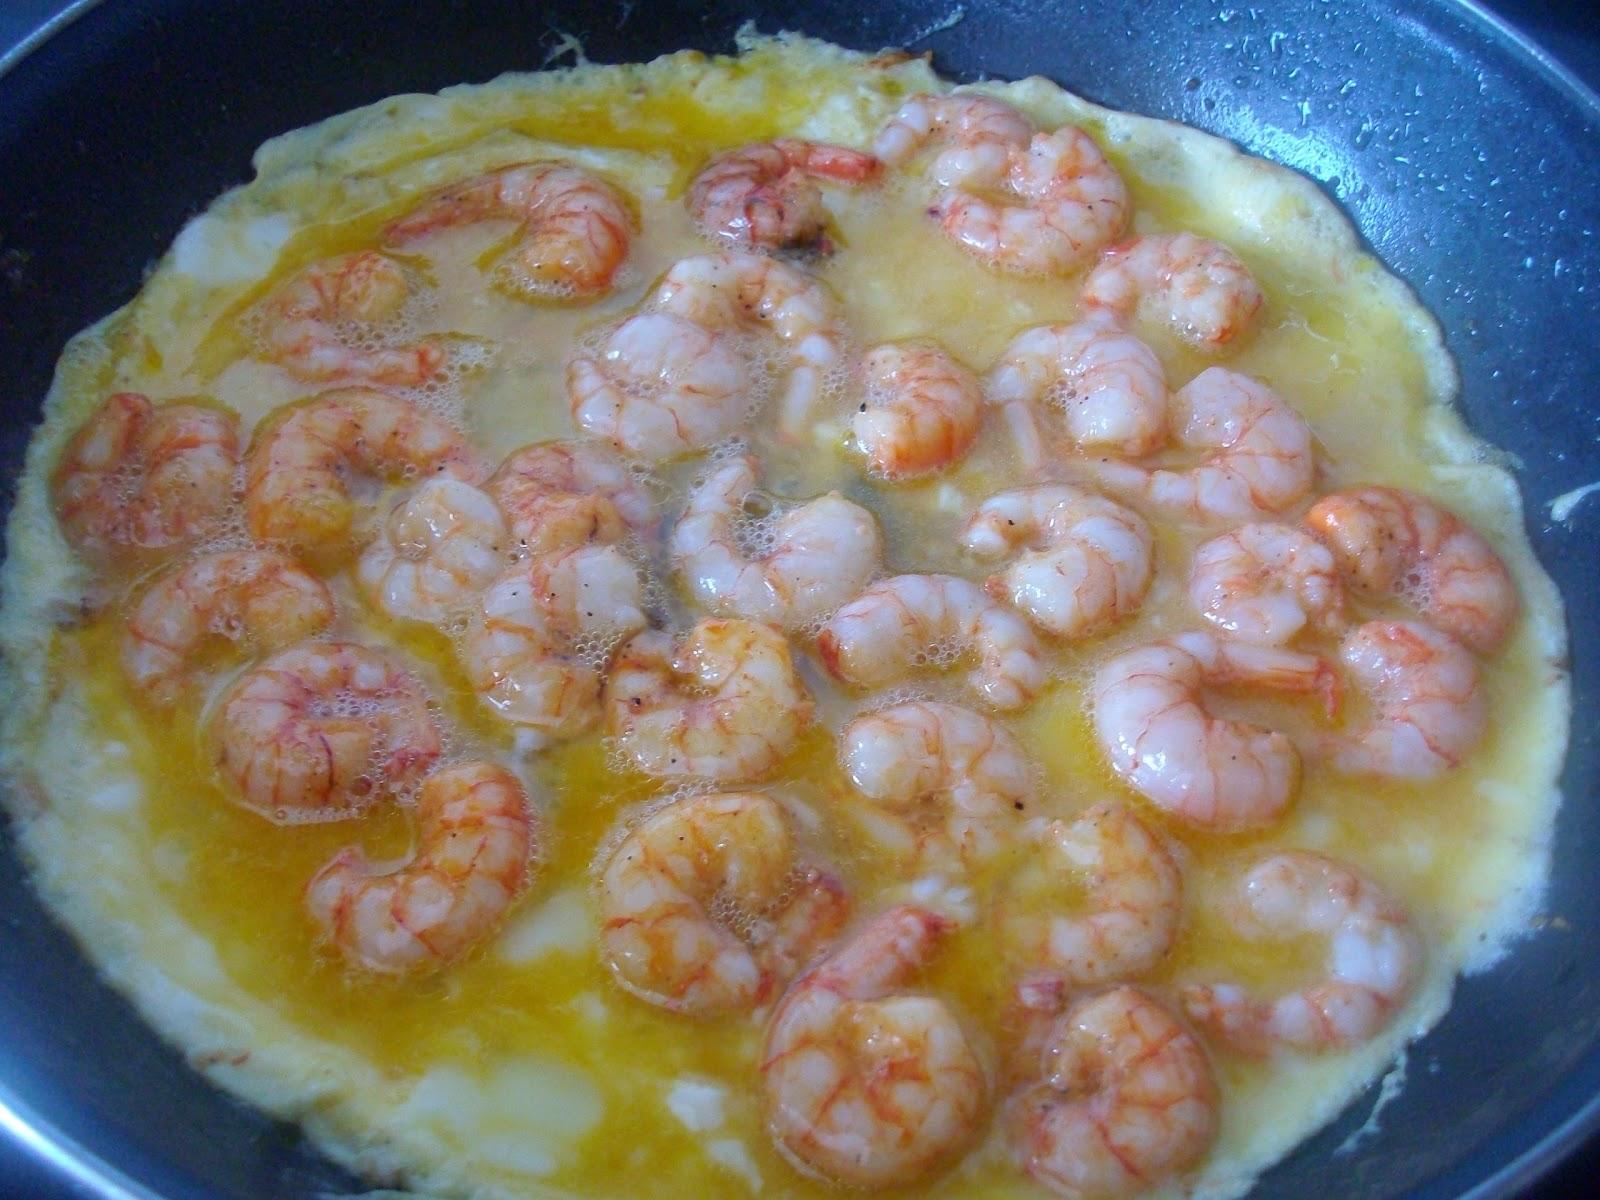 Merluza rellena al horno cocinar en casa es - Merluza rellena de marisco al horno ...